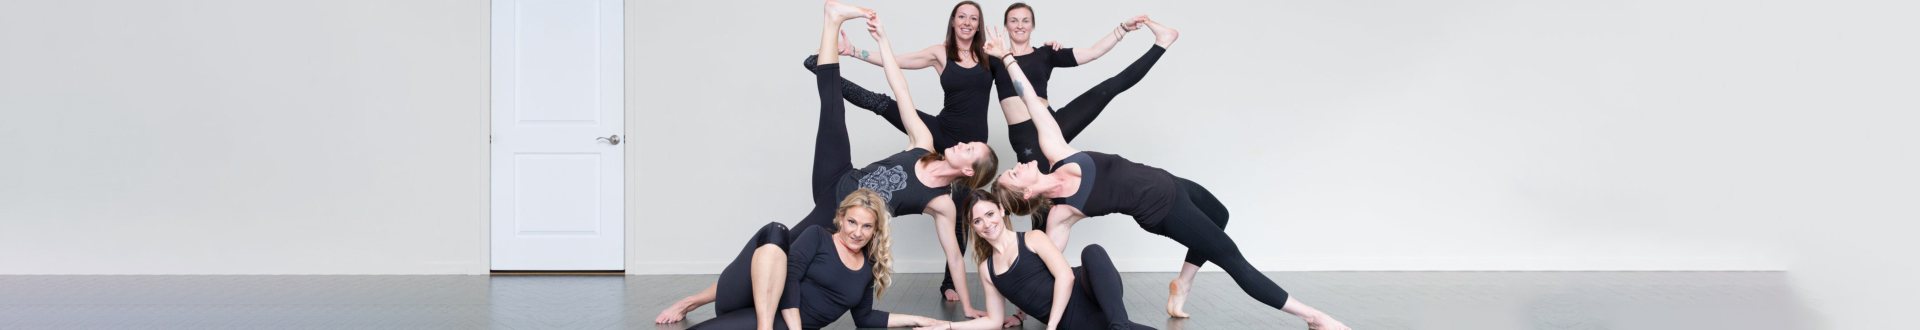 People doing yoga